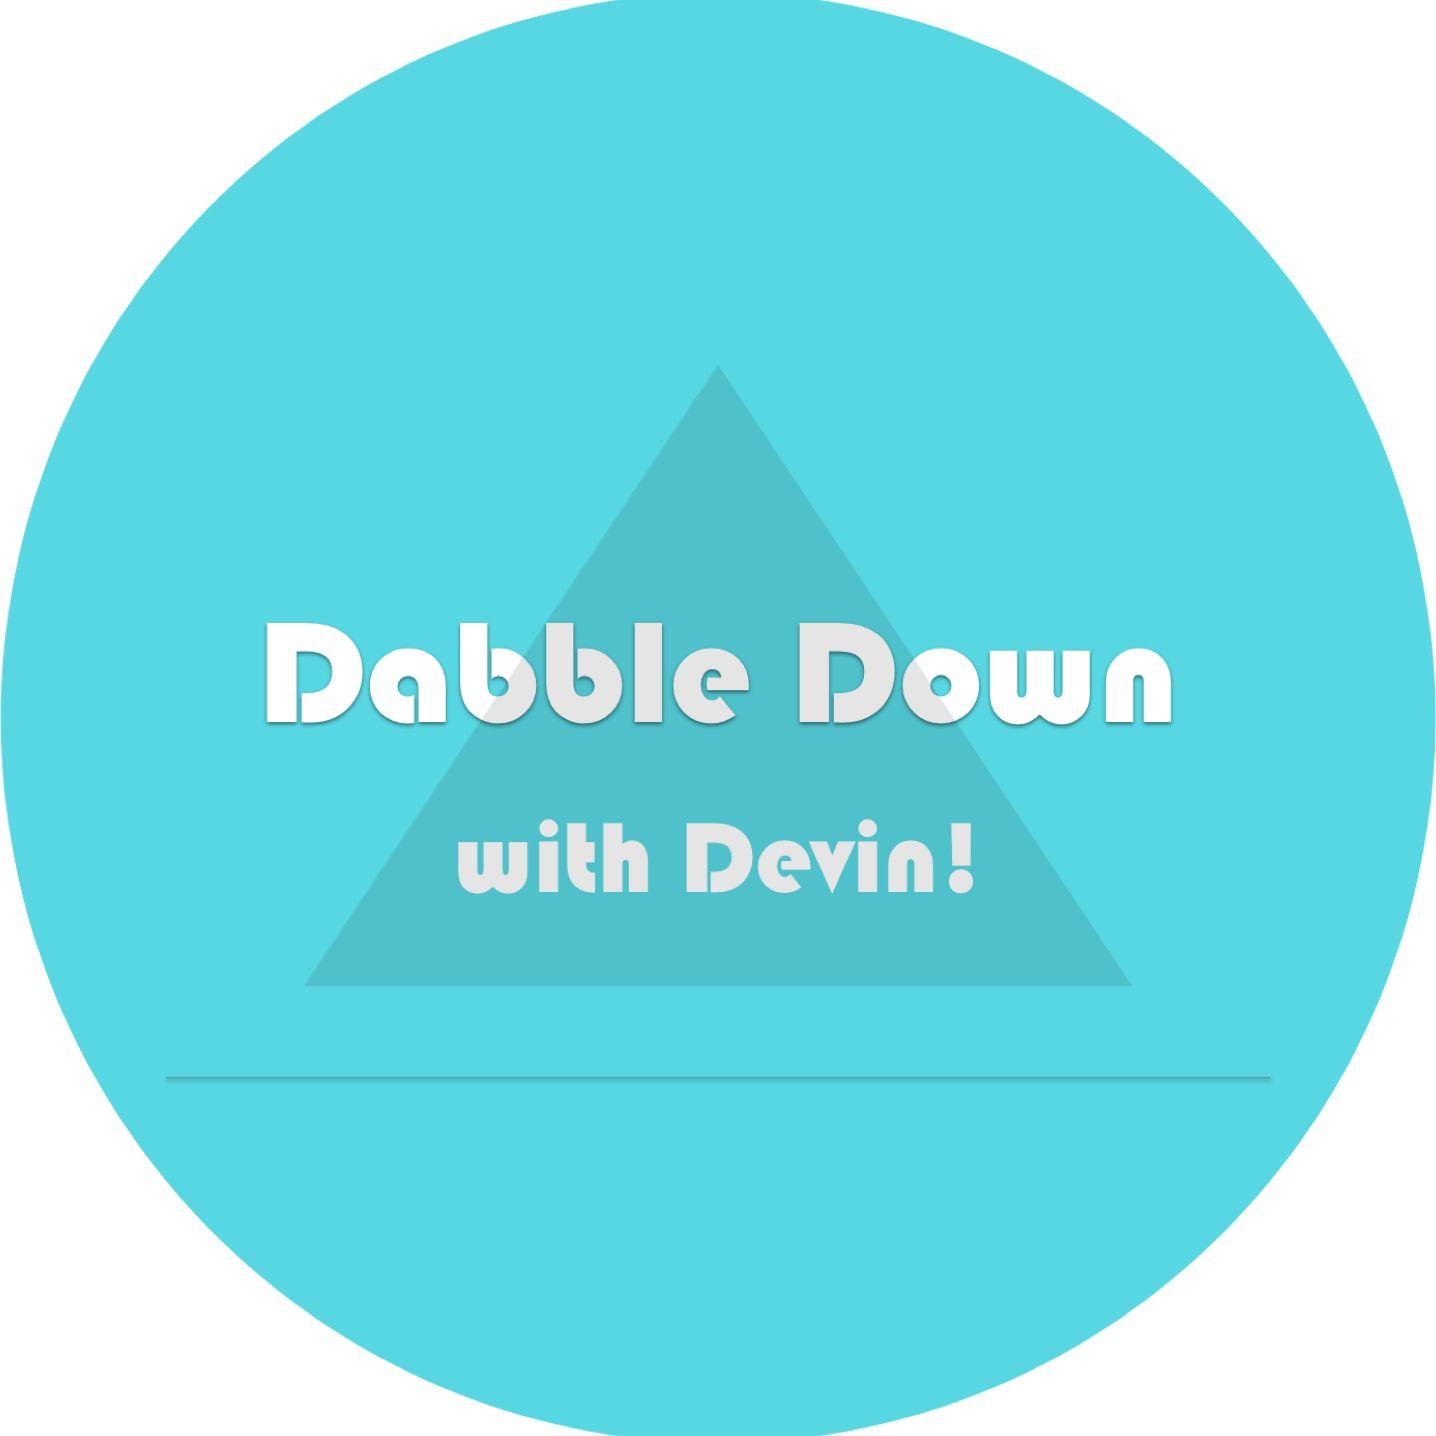 Dabble Down